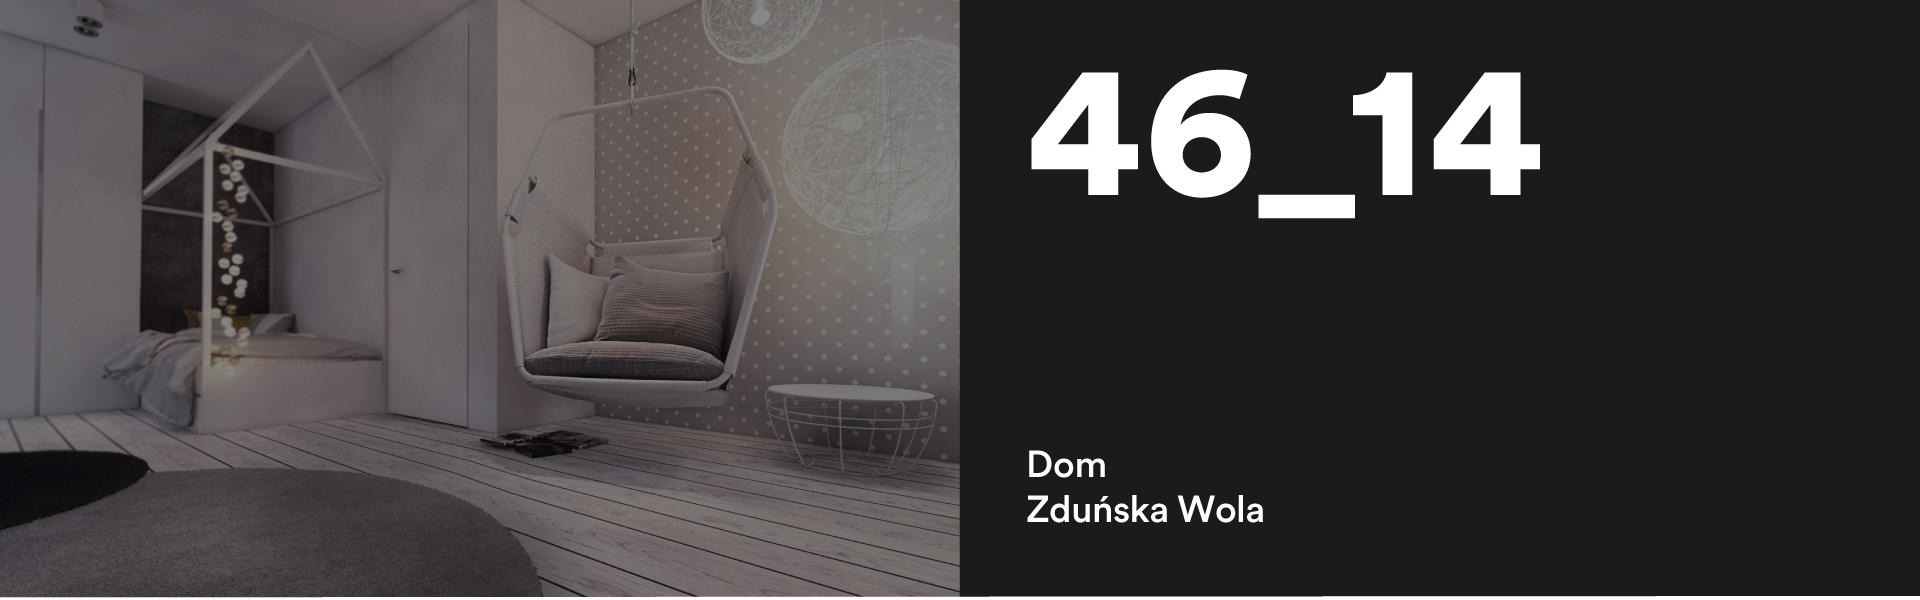 46_14 Dom w Zduńskiej Woli